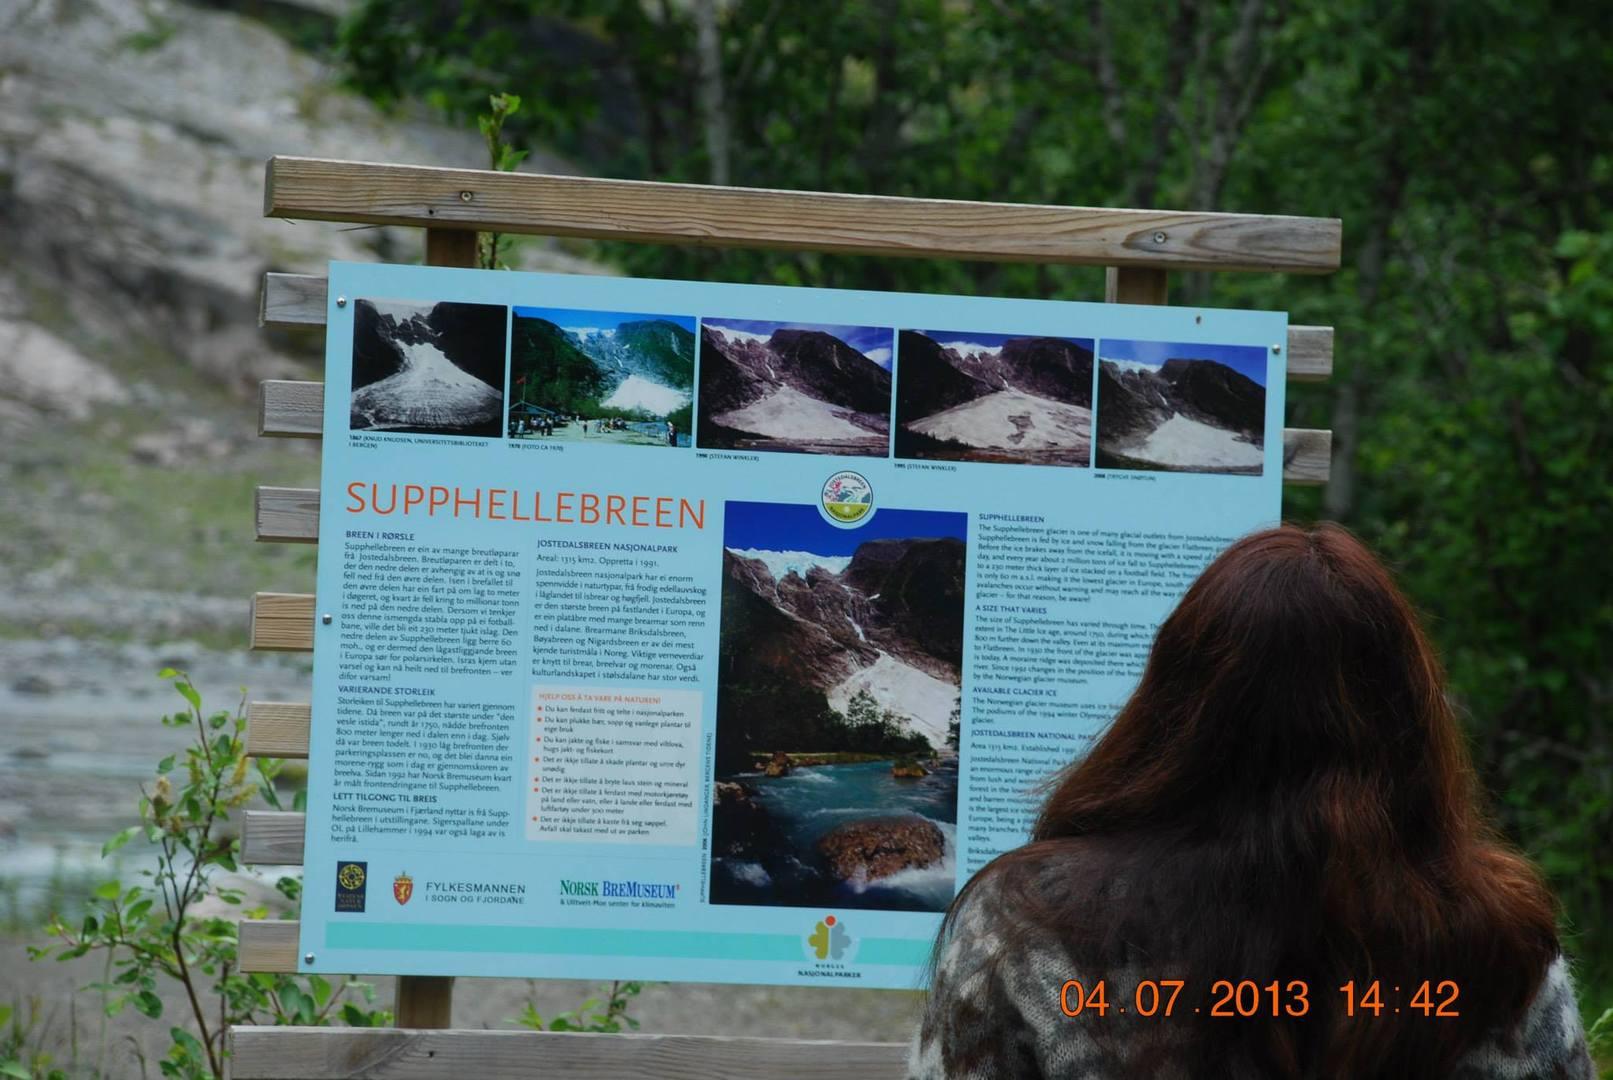 שילוט הסבר על קרחון Supphellebreen